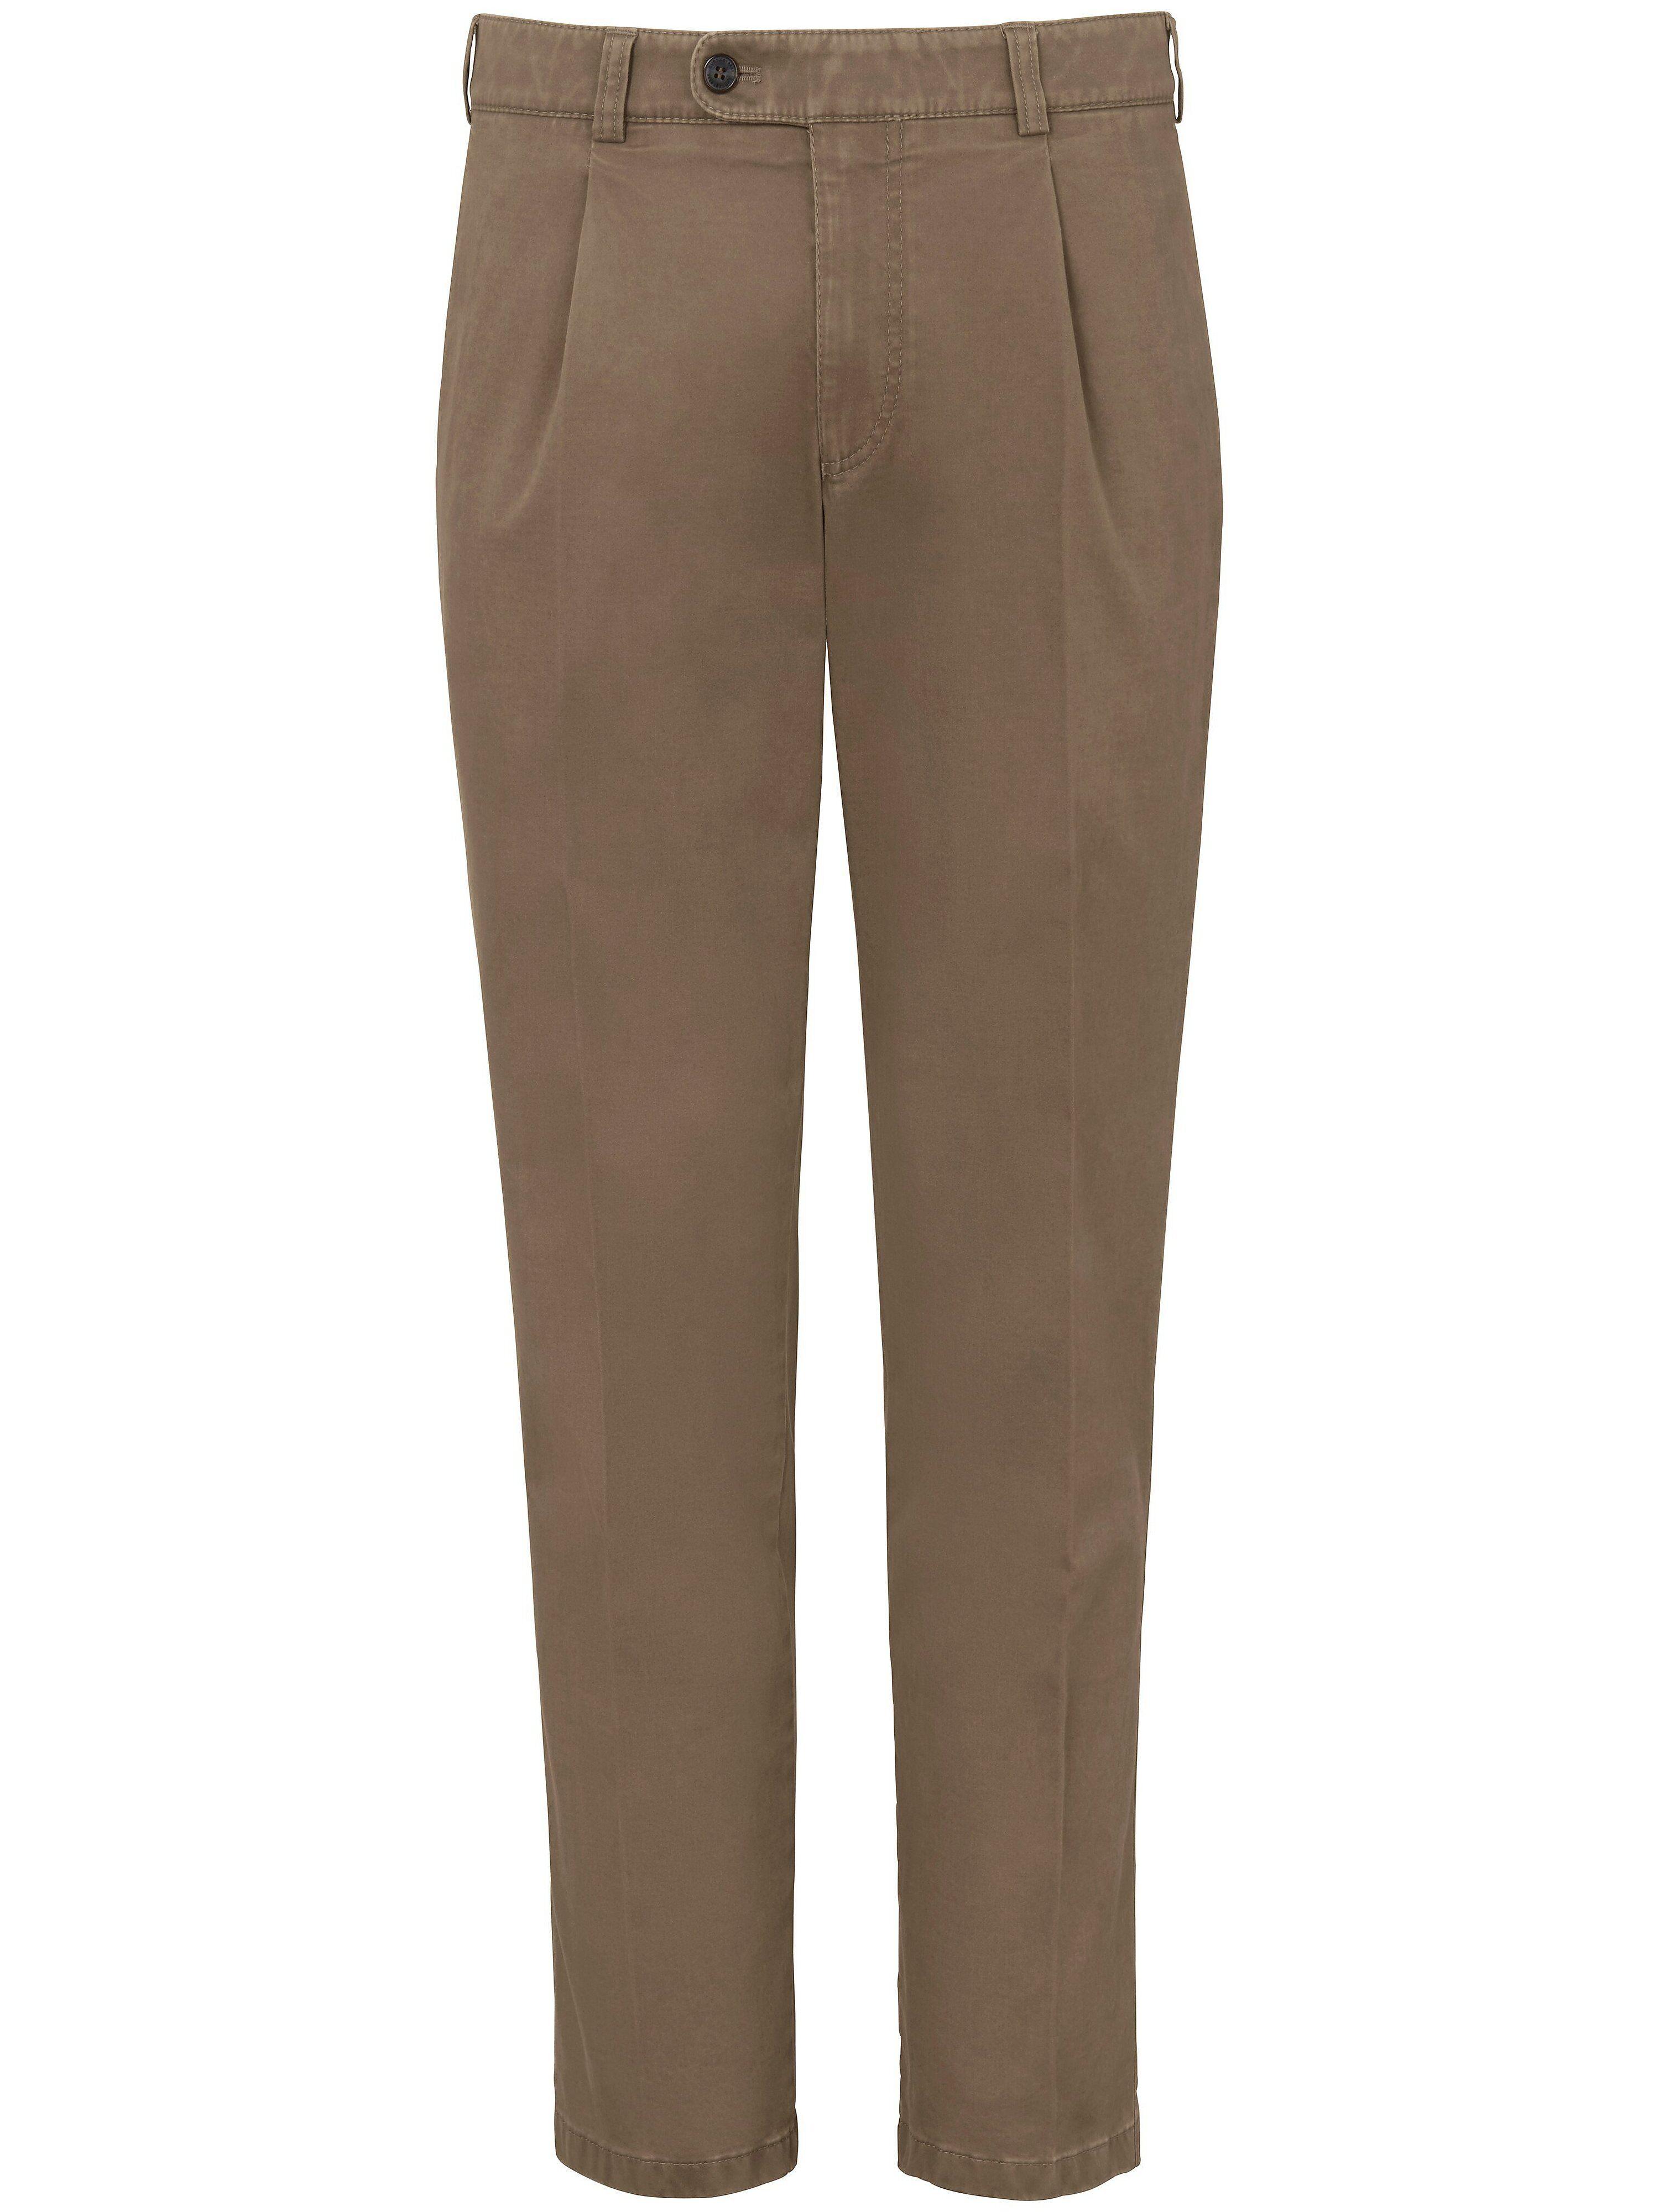 Brax Le pantalon chaud à pinces modèle Luis  Eurex by Brax beige  - Homme - 25